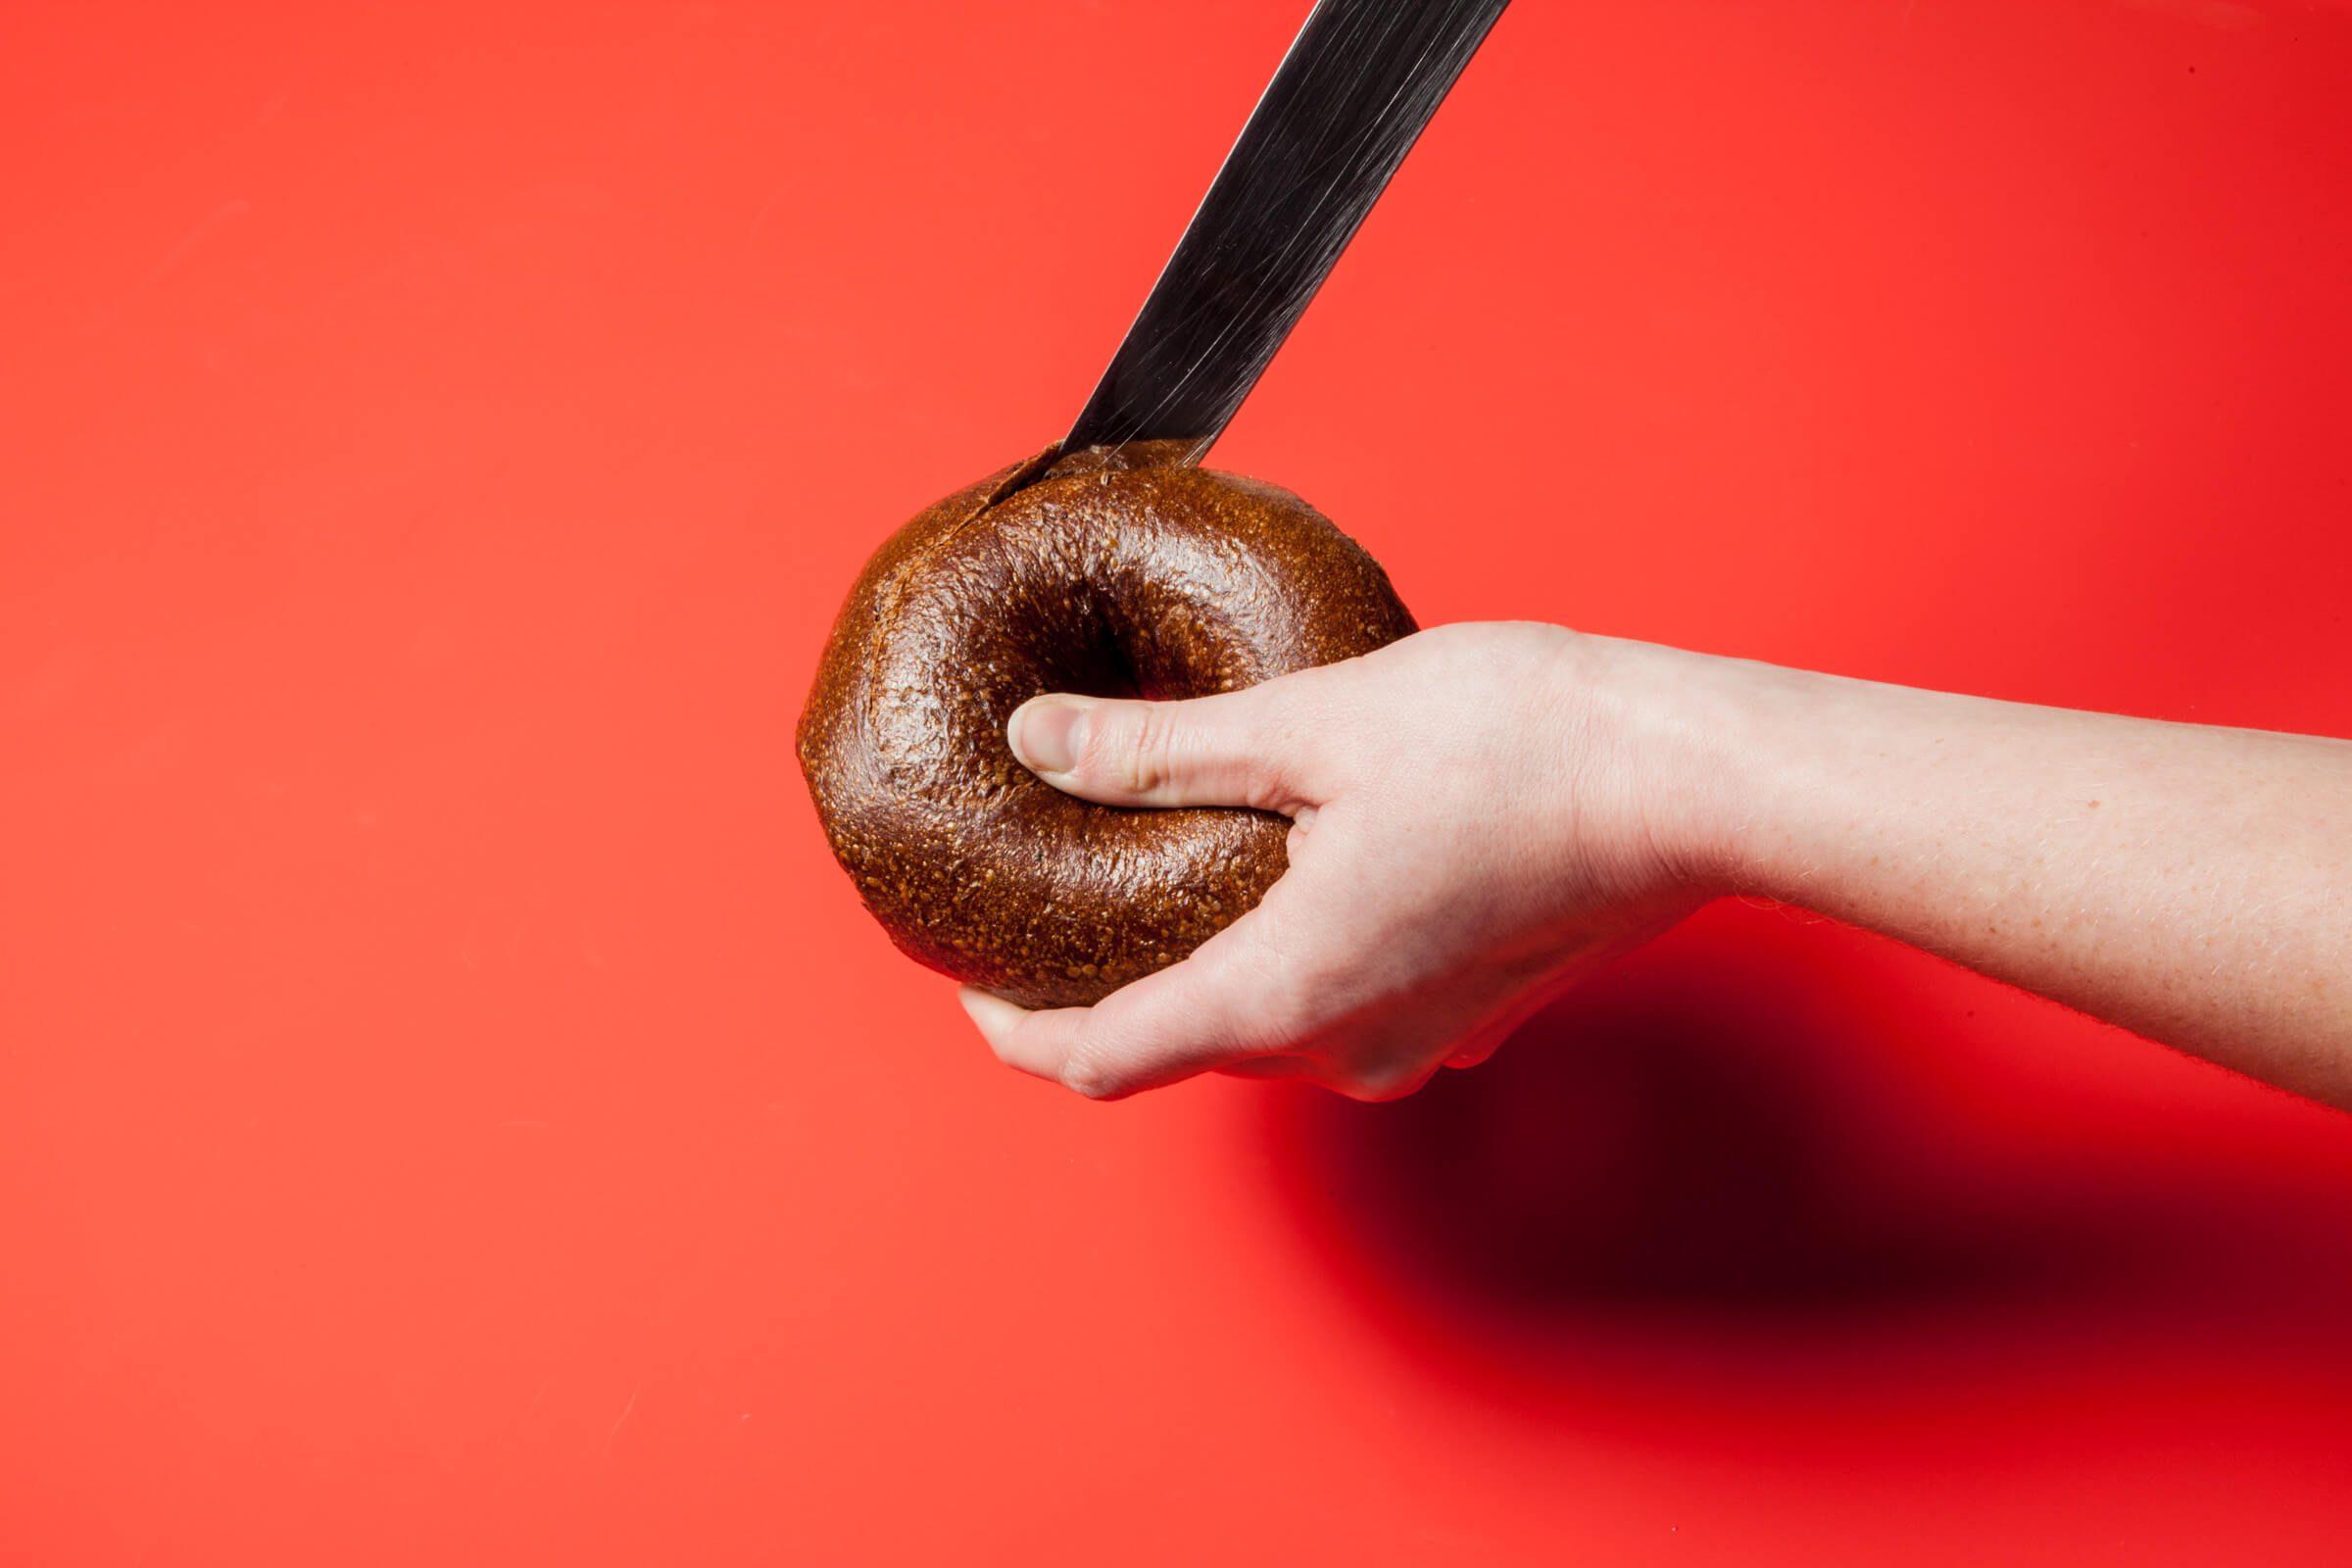 cutting bagel